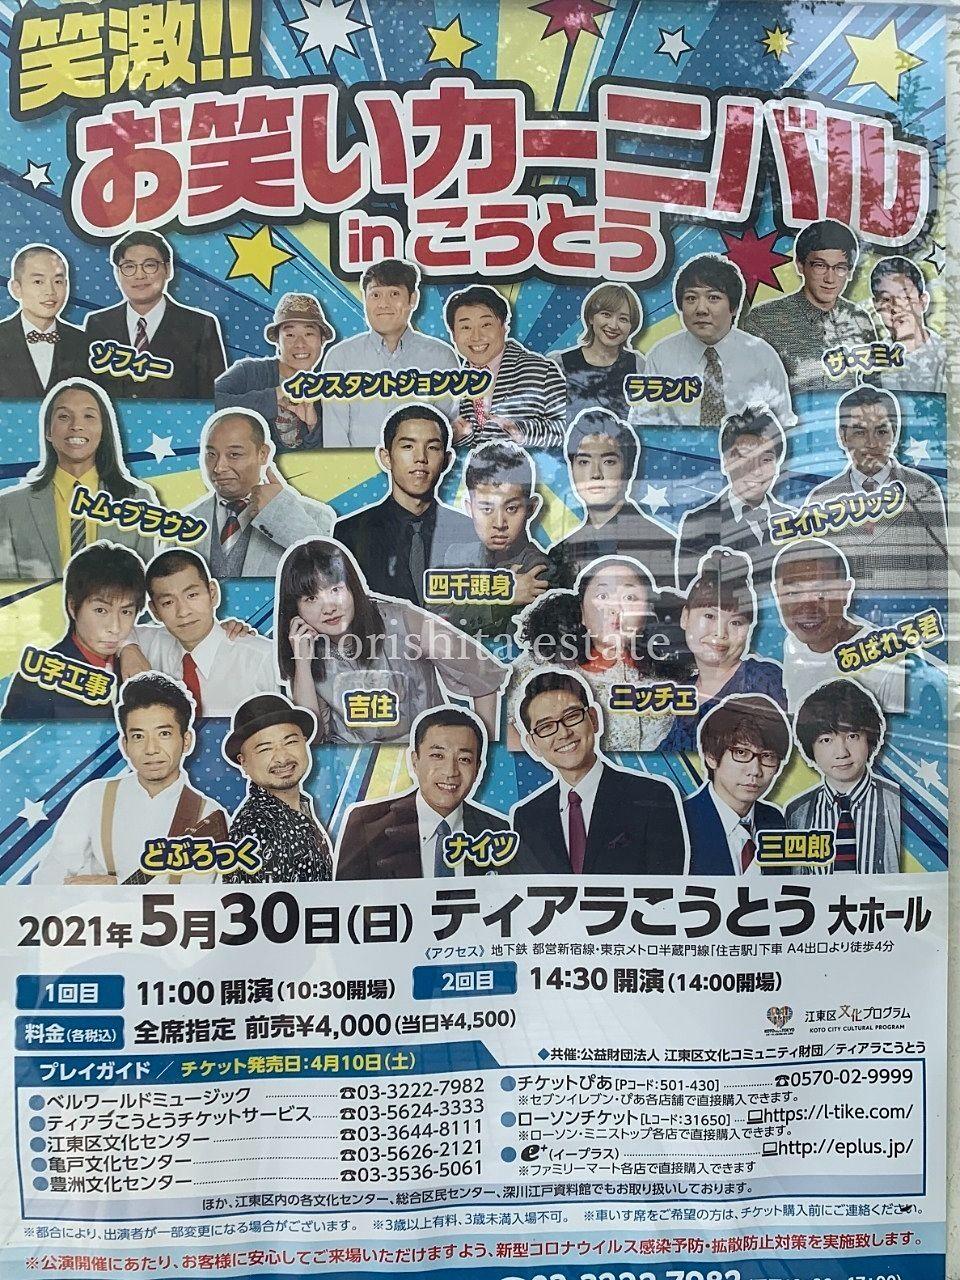 ティアラこうとう 江東公会堂 イベント ライブ 写真